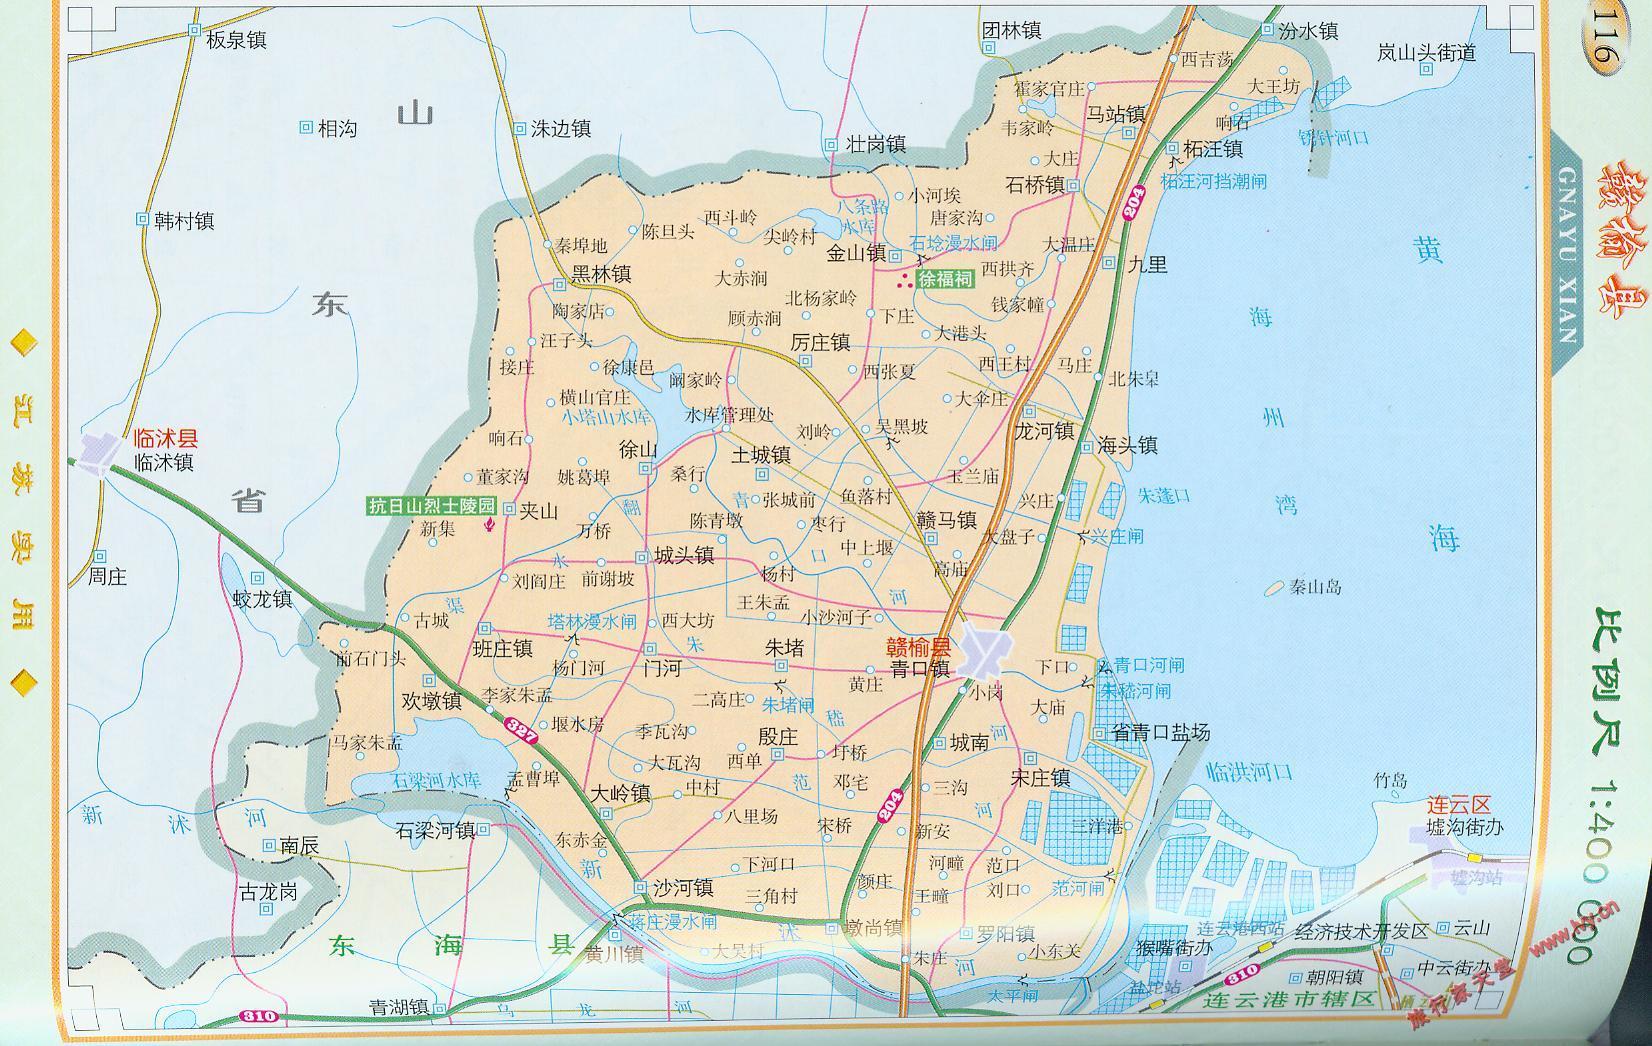 赣榆县地图_连云港地图查询